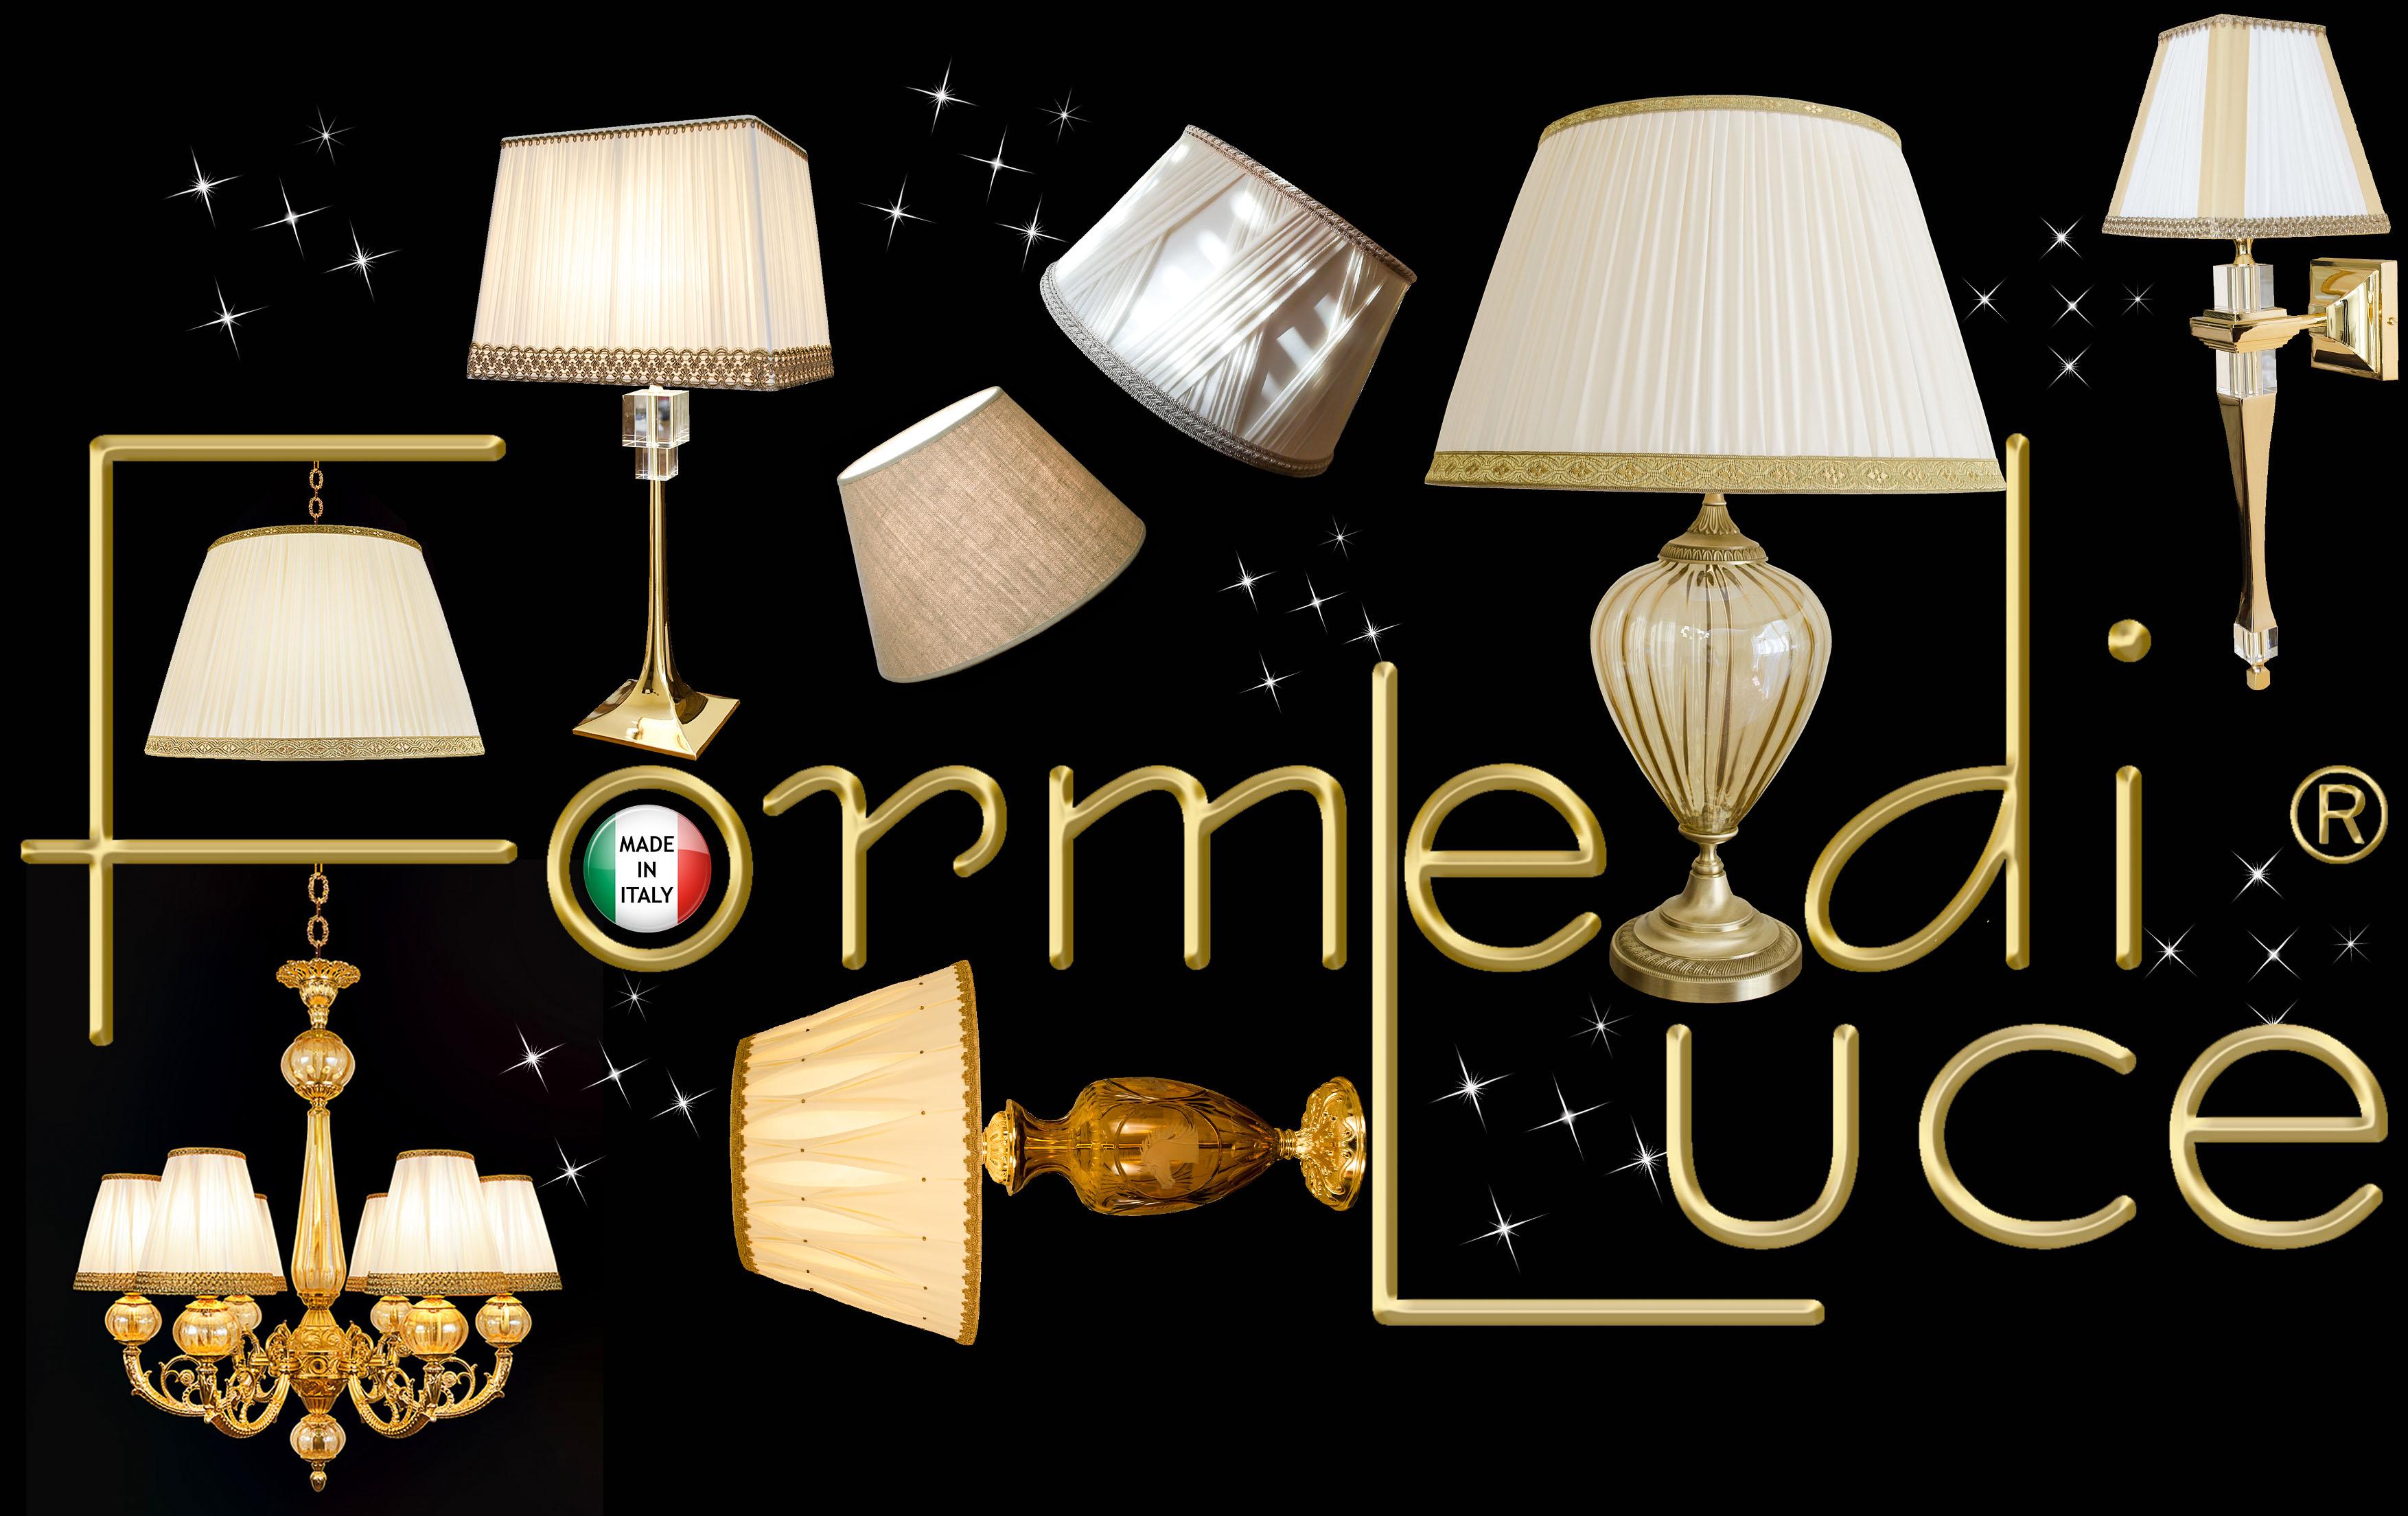 Forme di Luce | Produzione e Vendita Paralumi e Lampade a Roma